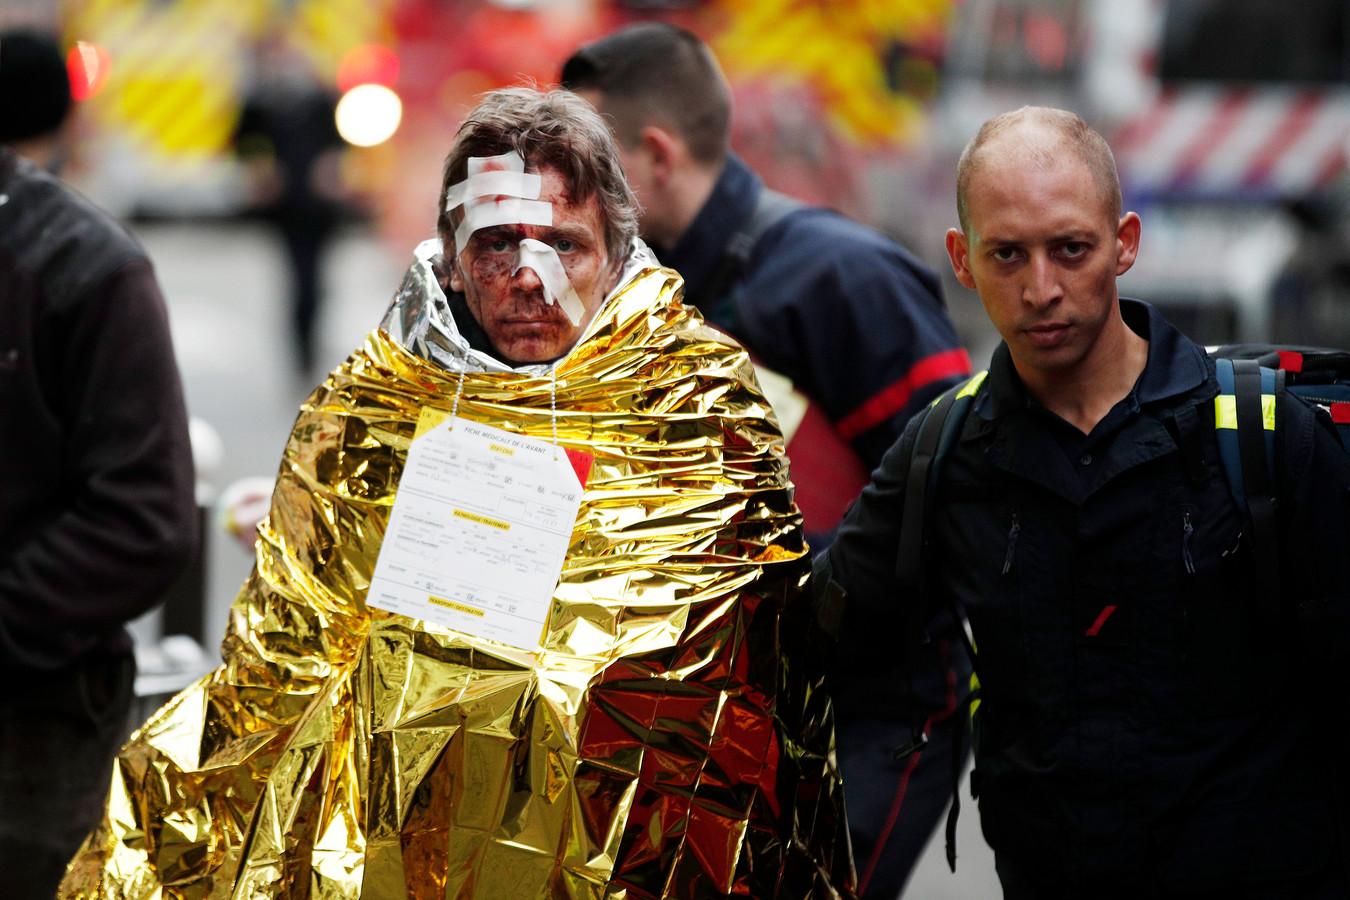 Mensen vluchtten in paniek hun woningen en hotels uit. Gewonden werden op straat eerste hulp geboden.